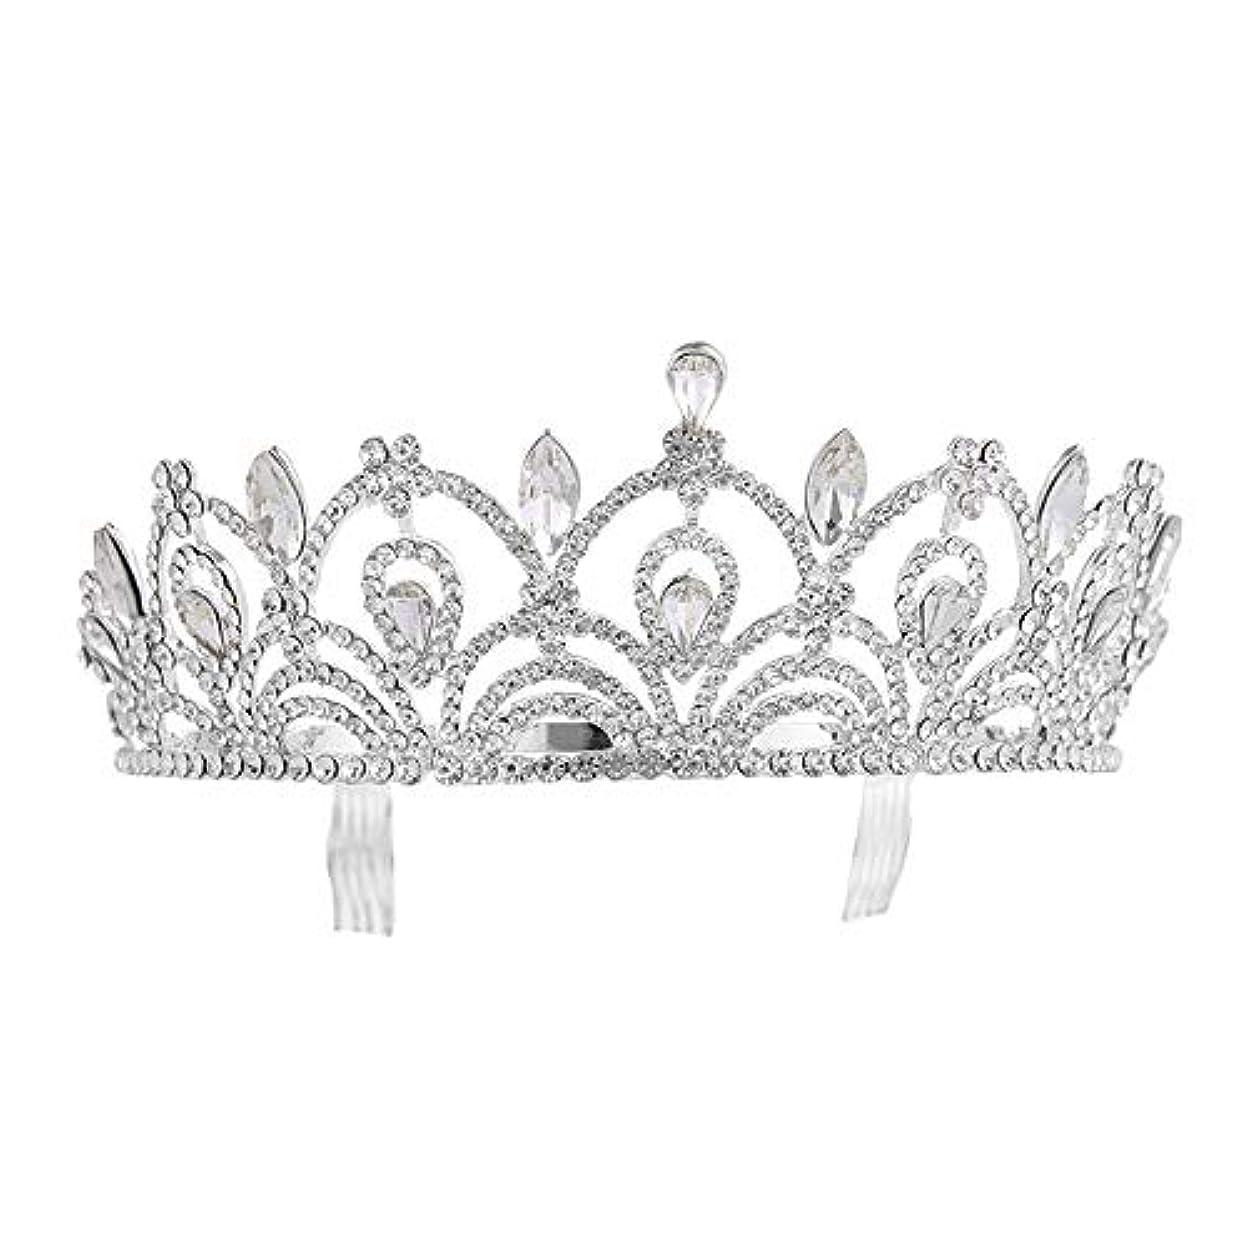 自慢機転エラー王冠 ティアラ 誕生日ティアラクリスタルラインストーン女性誕生日クラウンと櫛パーティーアクセサリー女性の花嫁アクセサリーダイヤモンド ヘアアクセサリー (Color : Silver, Size : 14*5cm)